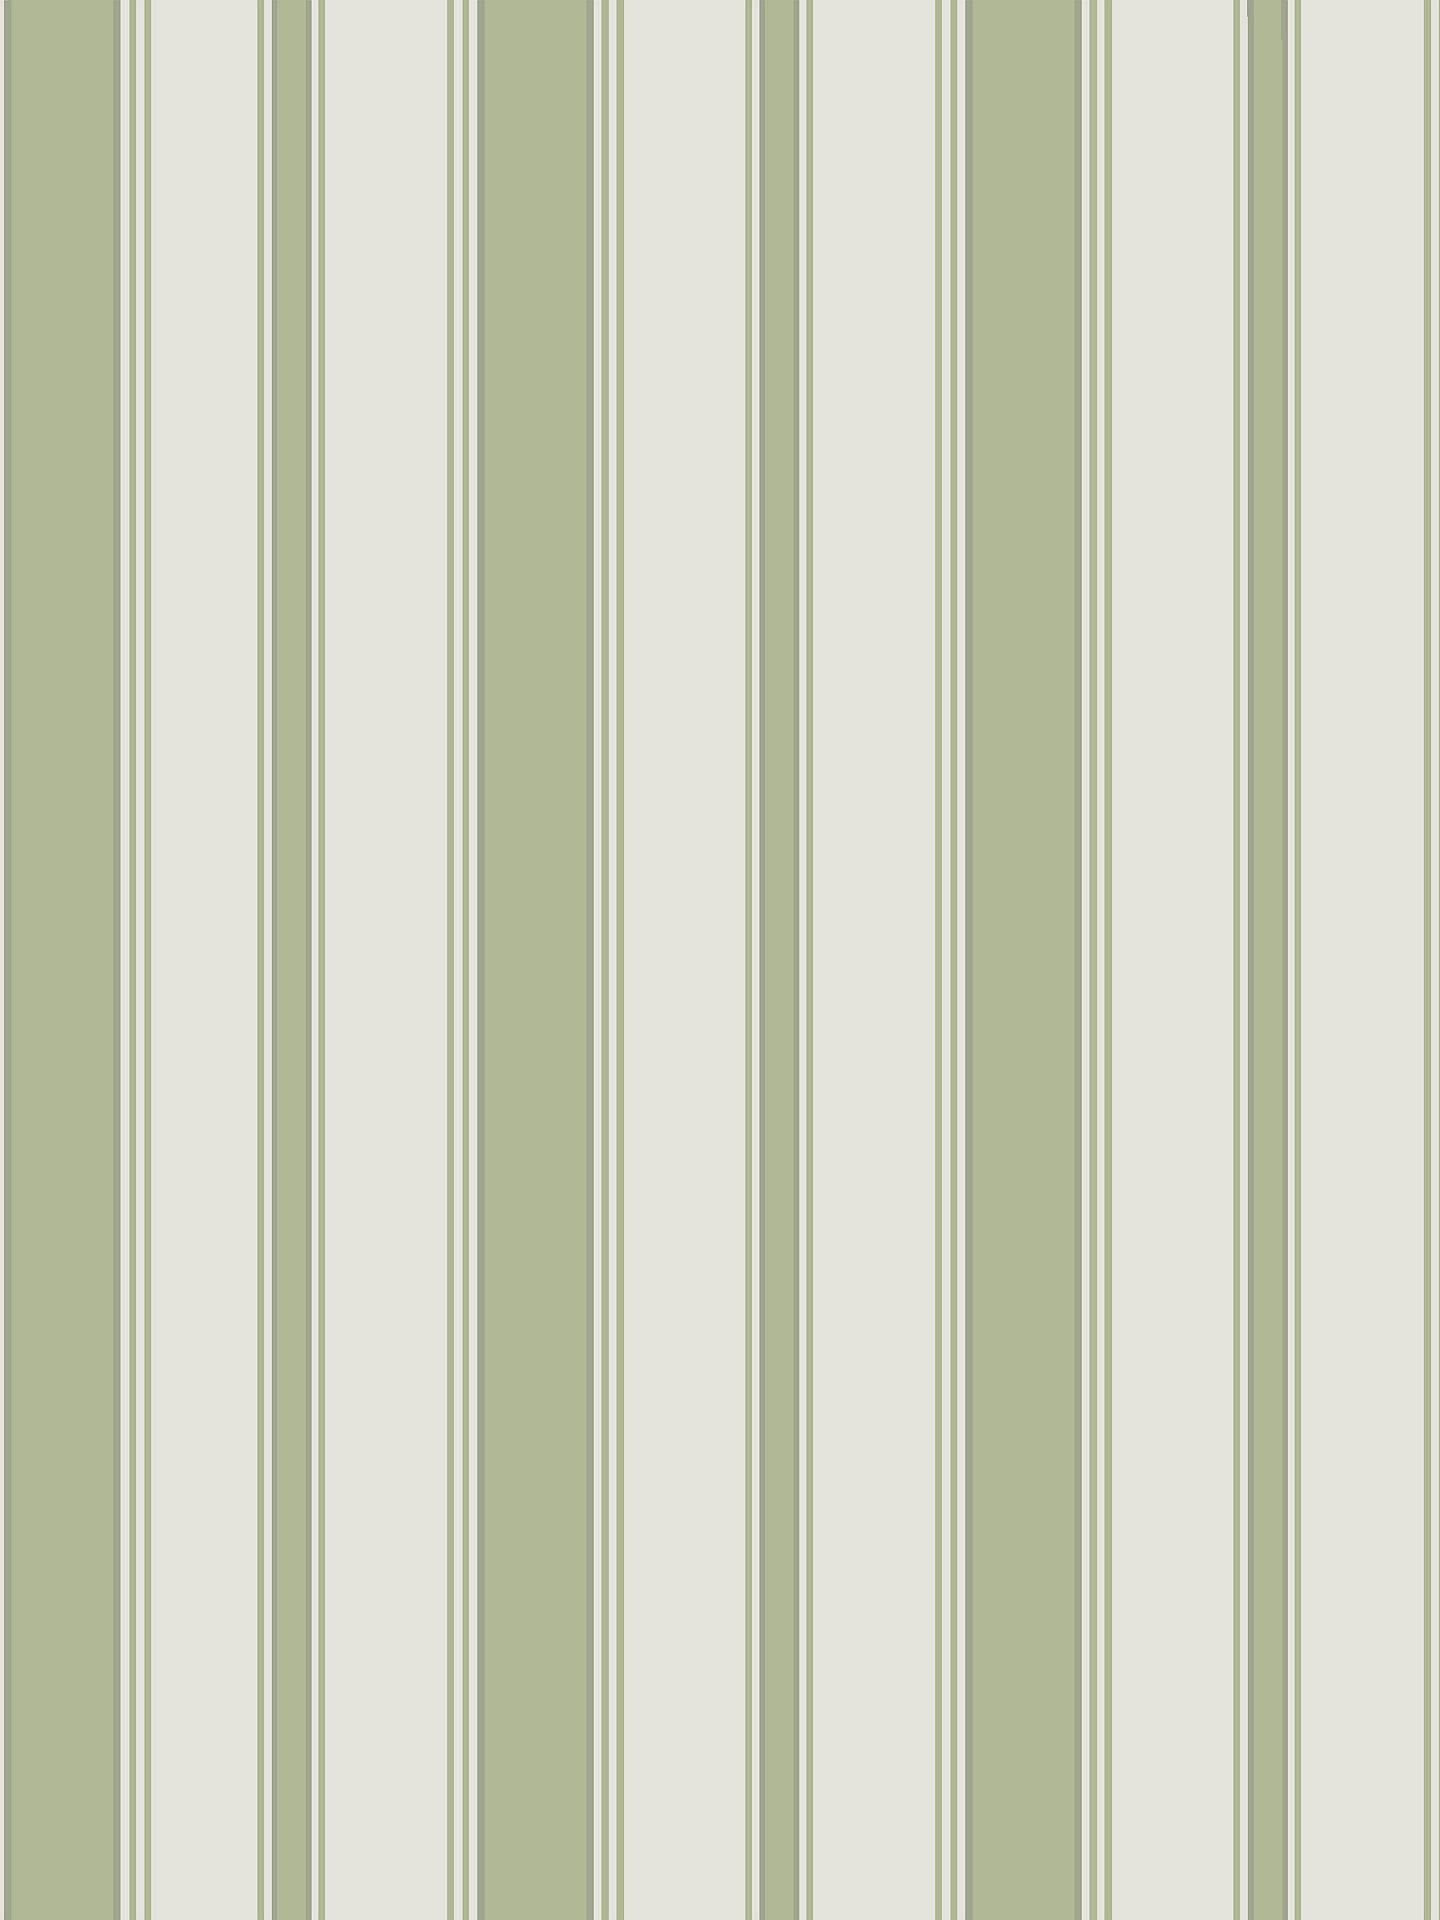 Cole Son Cambridge Stripe Wallpaper 110 8038 Leaf Green